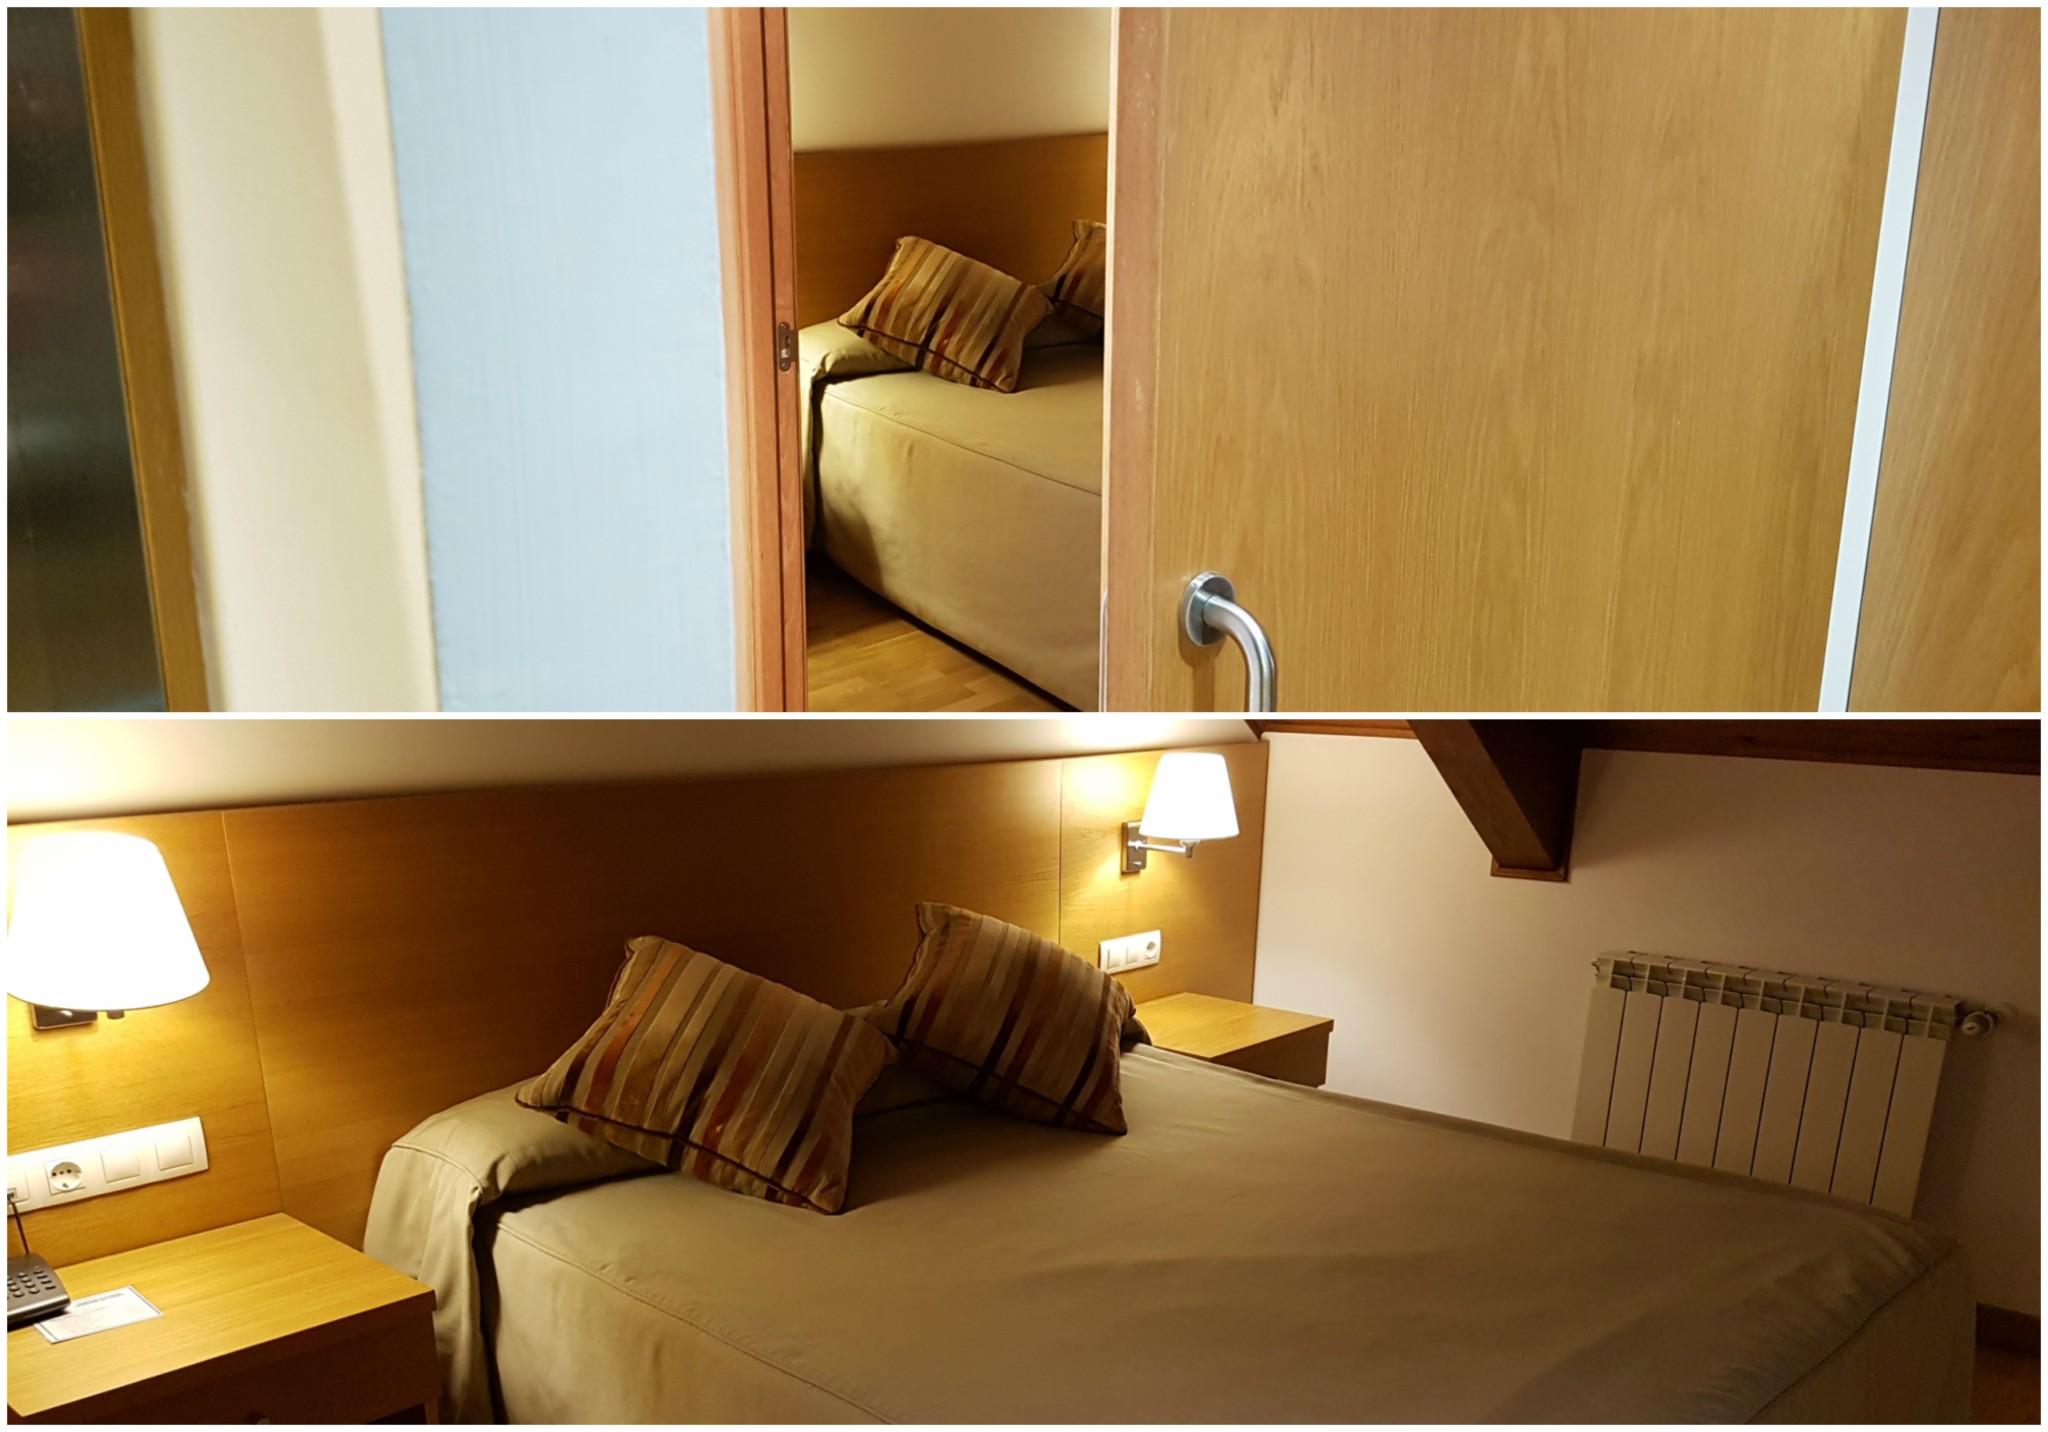 Habitación aparthotel